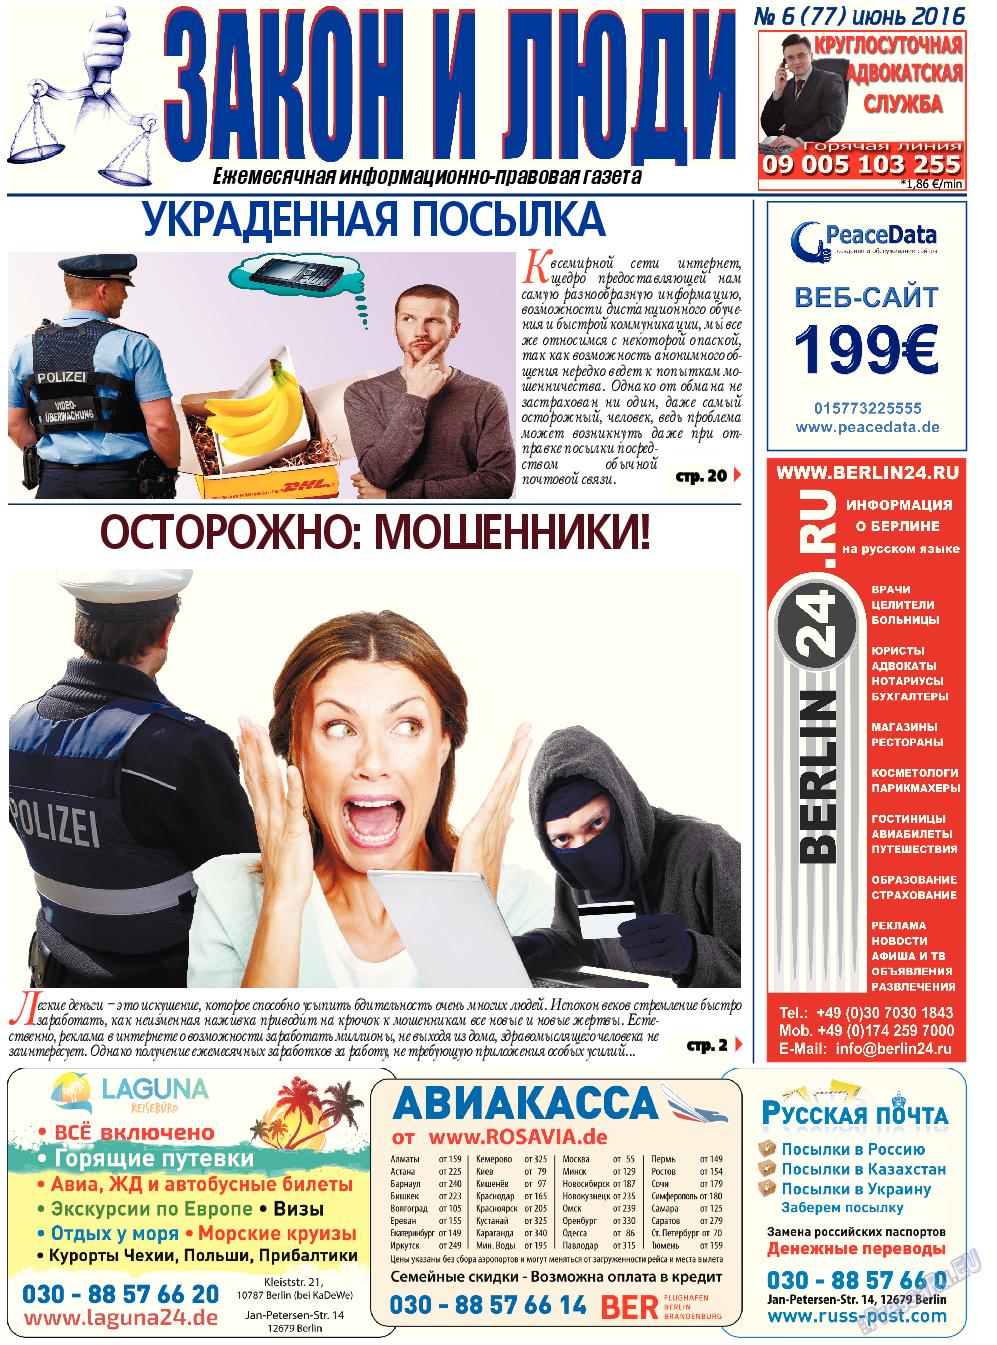 Закон и люди (газета). 2016 год, номер 6, стр. 1